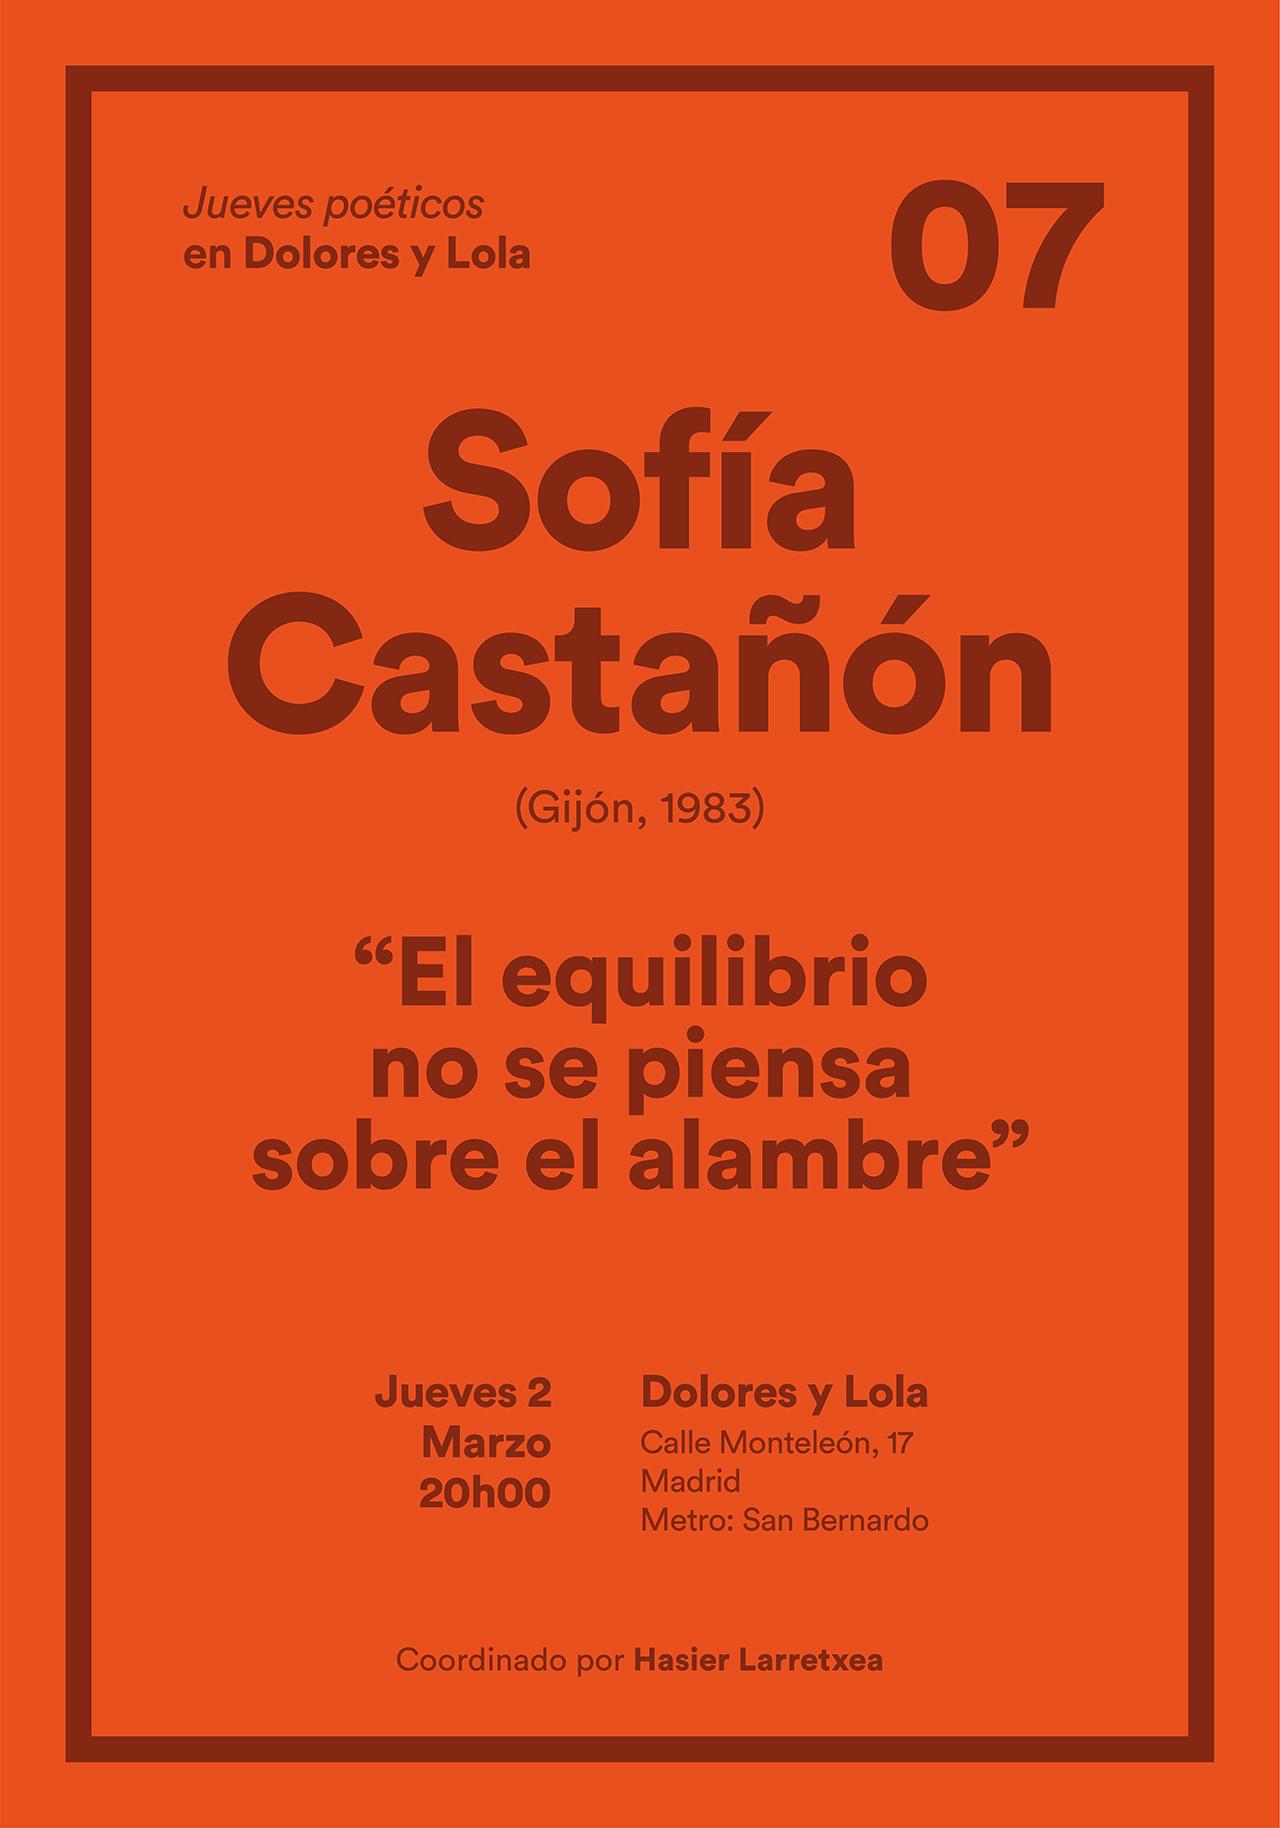 07_sofia_poster